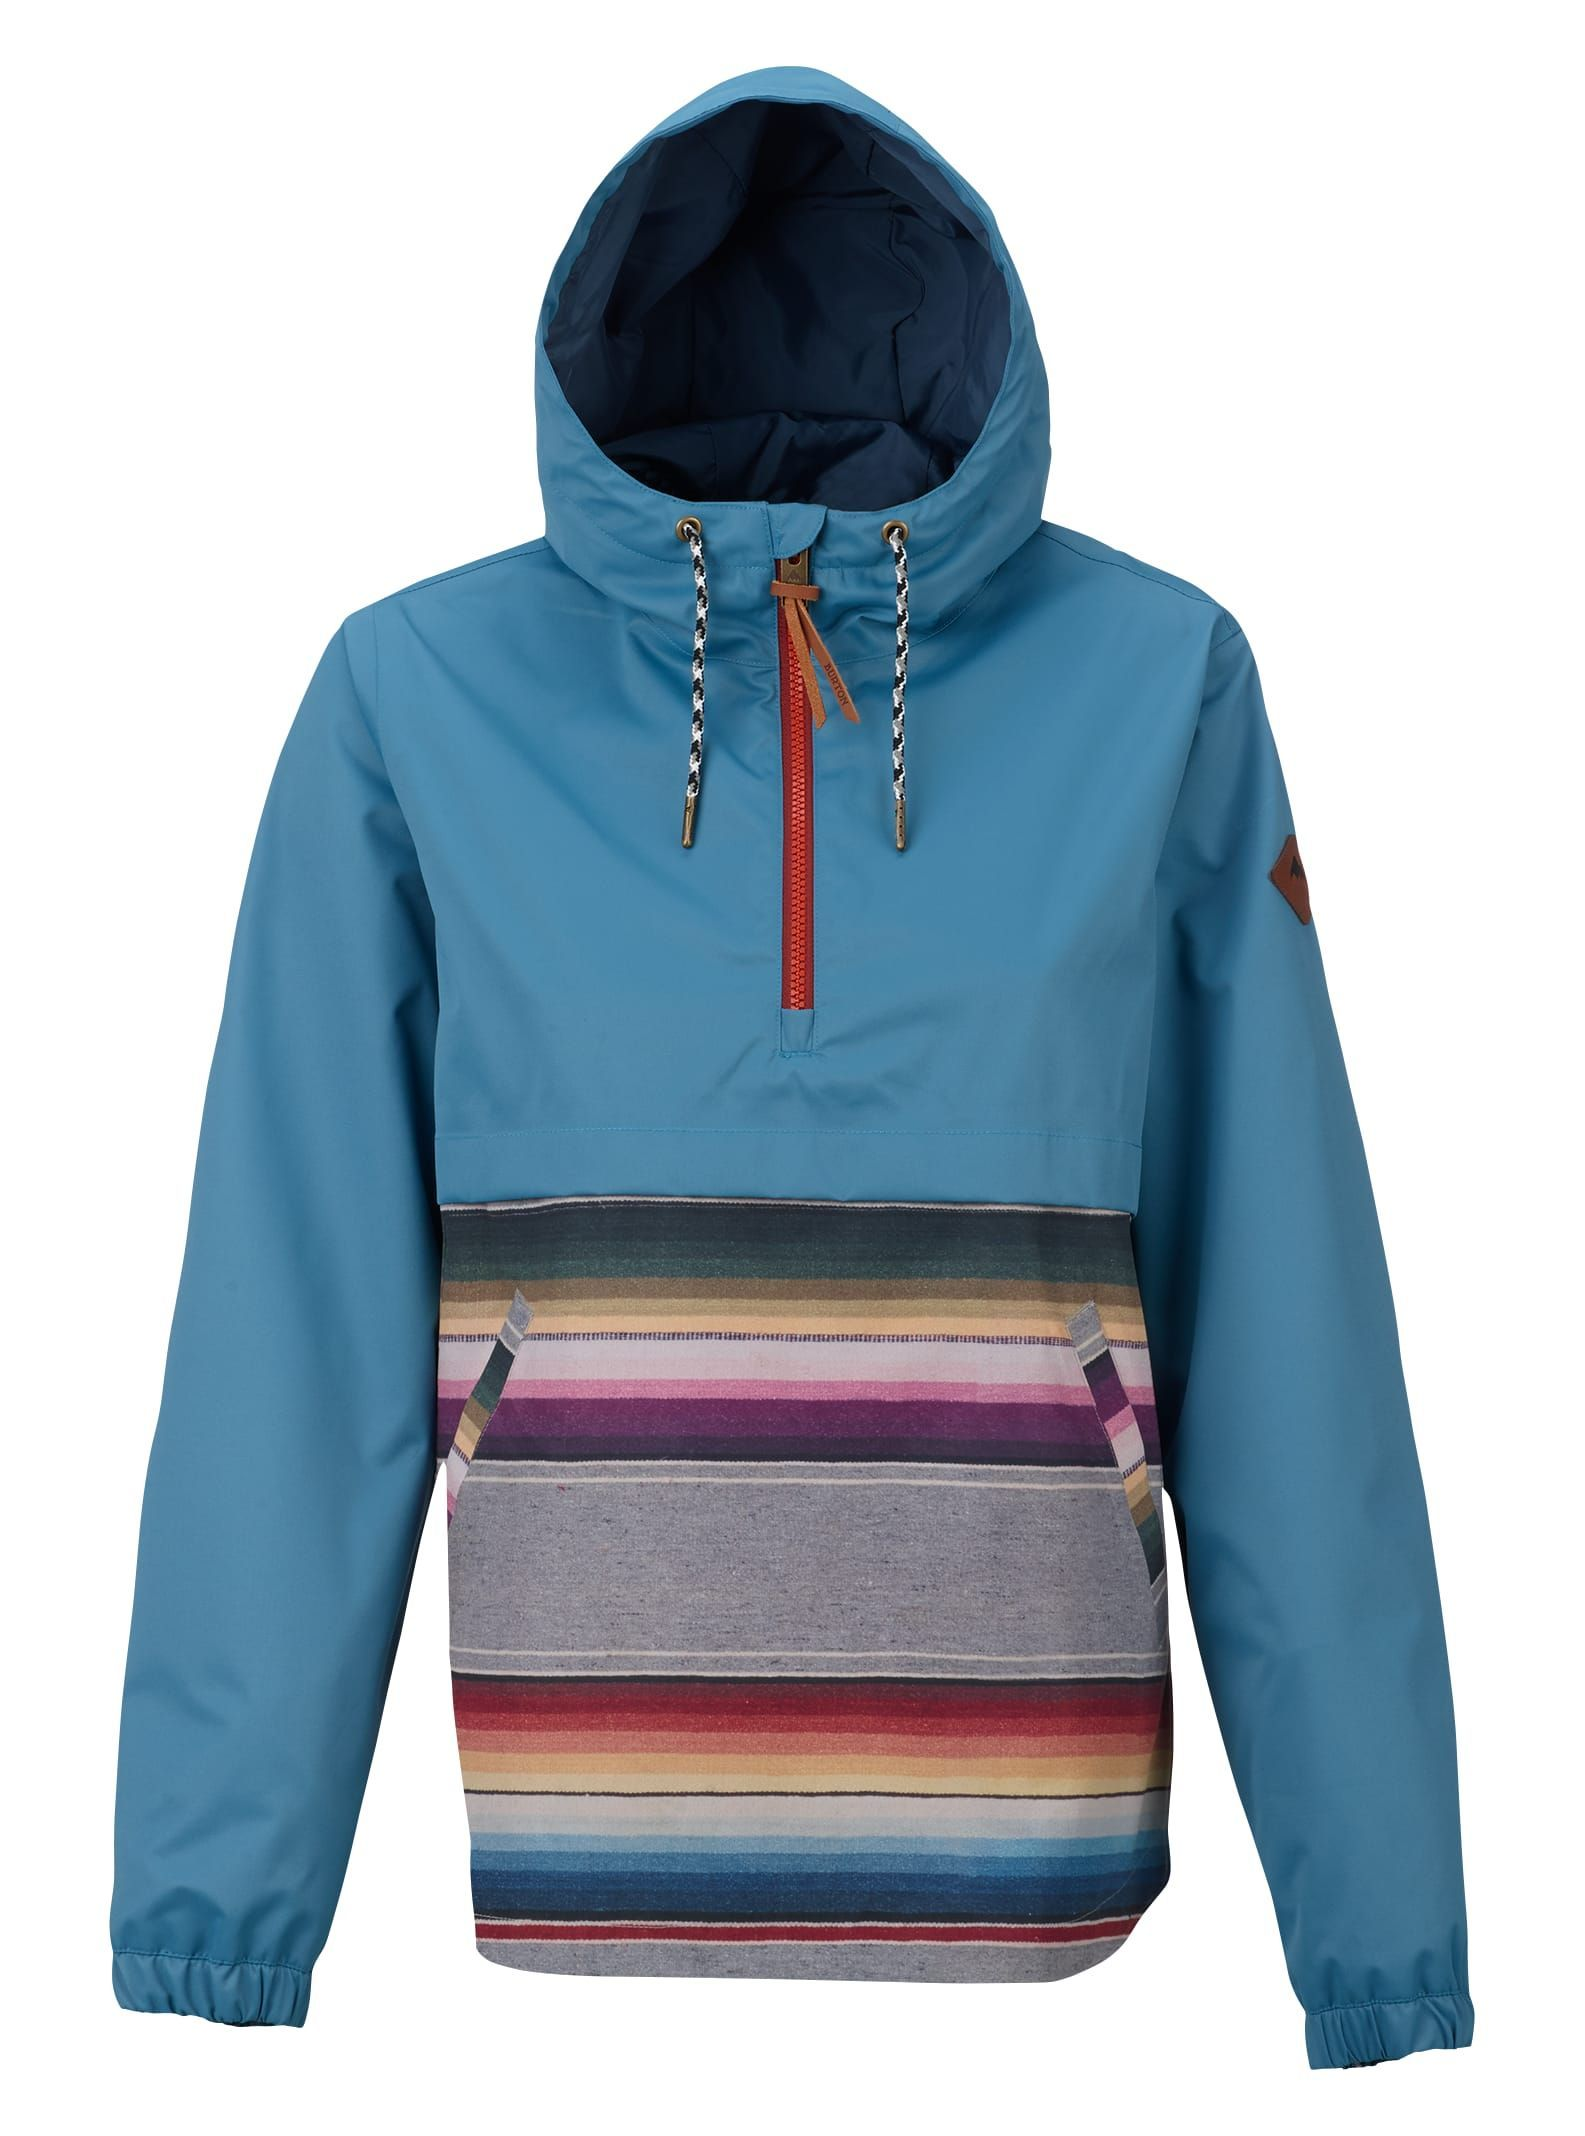 Jack Wolfskin Womens Stormlight Fleece Jacket